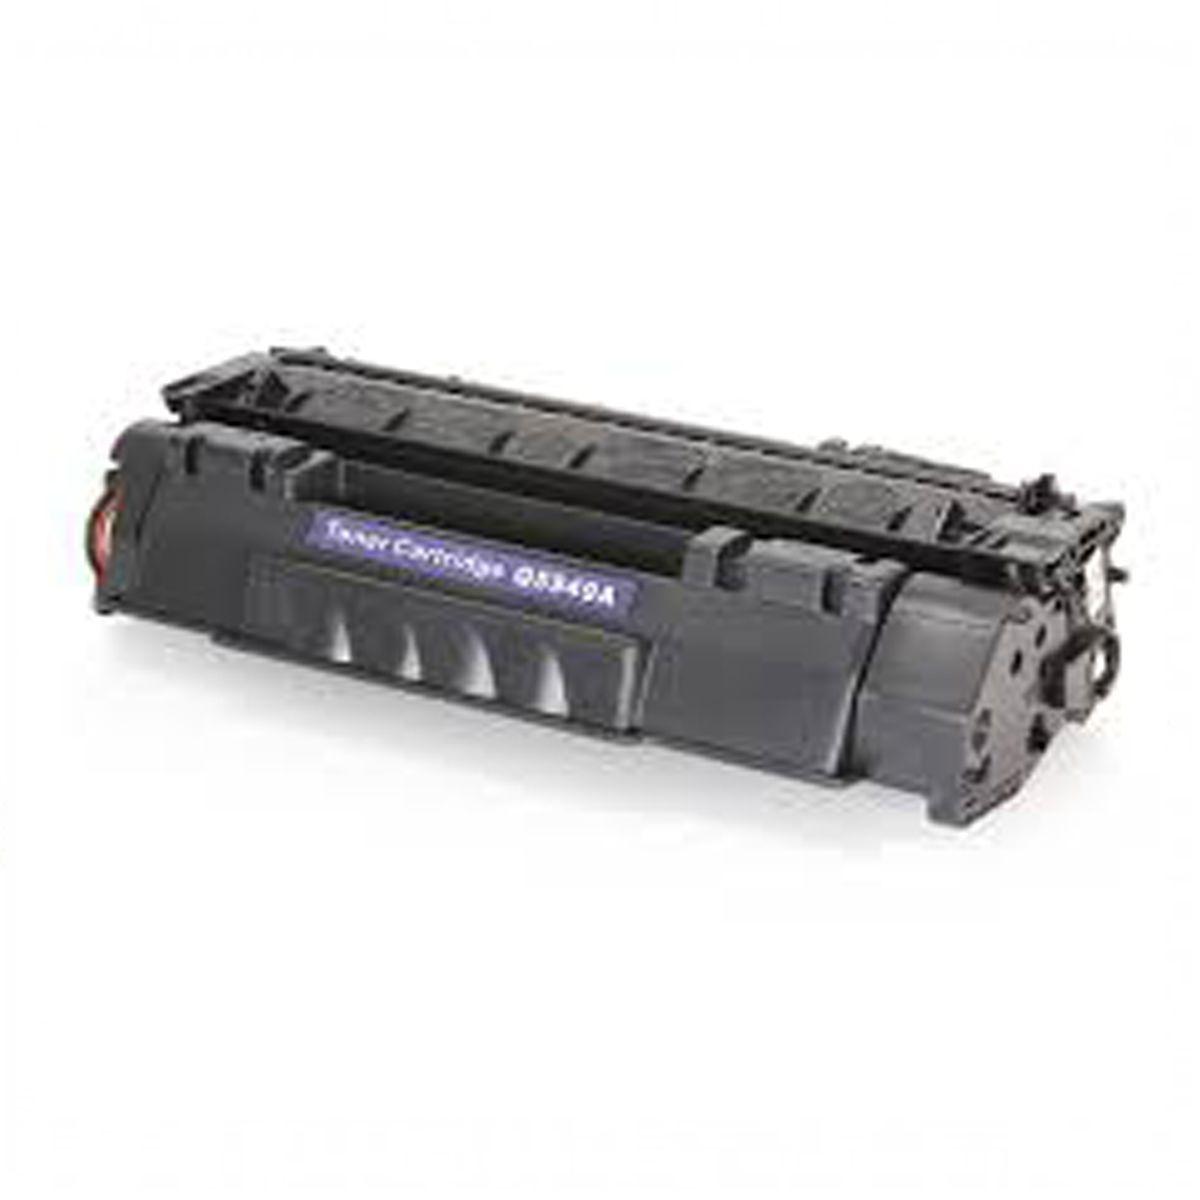 Toner Compativel com HP Q5949A 5949 - 1160 1320 3390 3392 - 3K